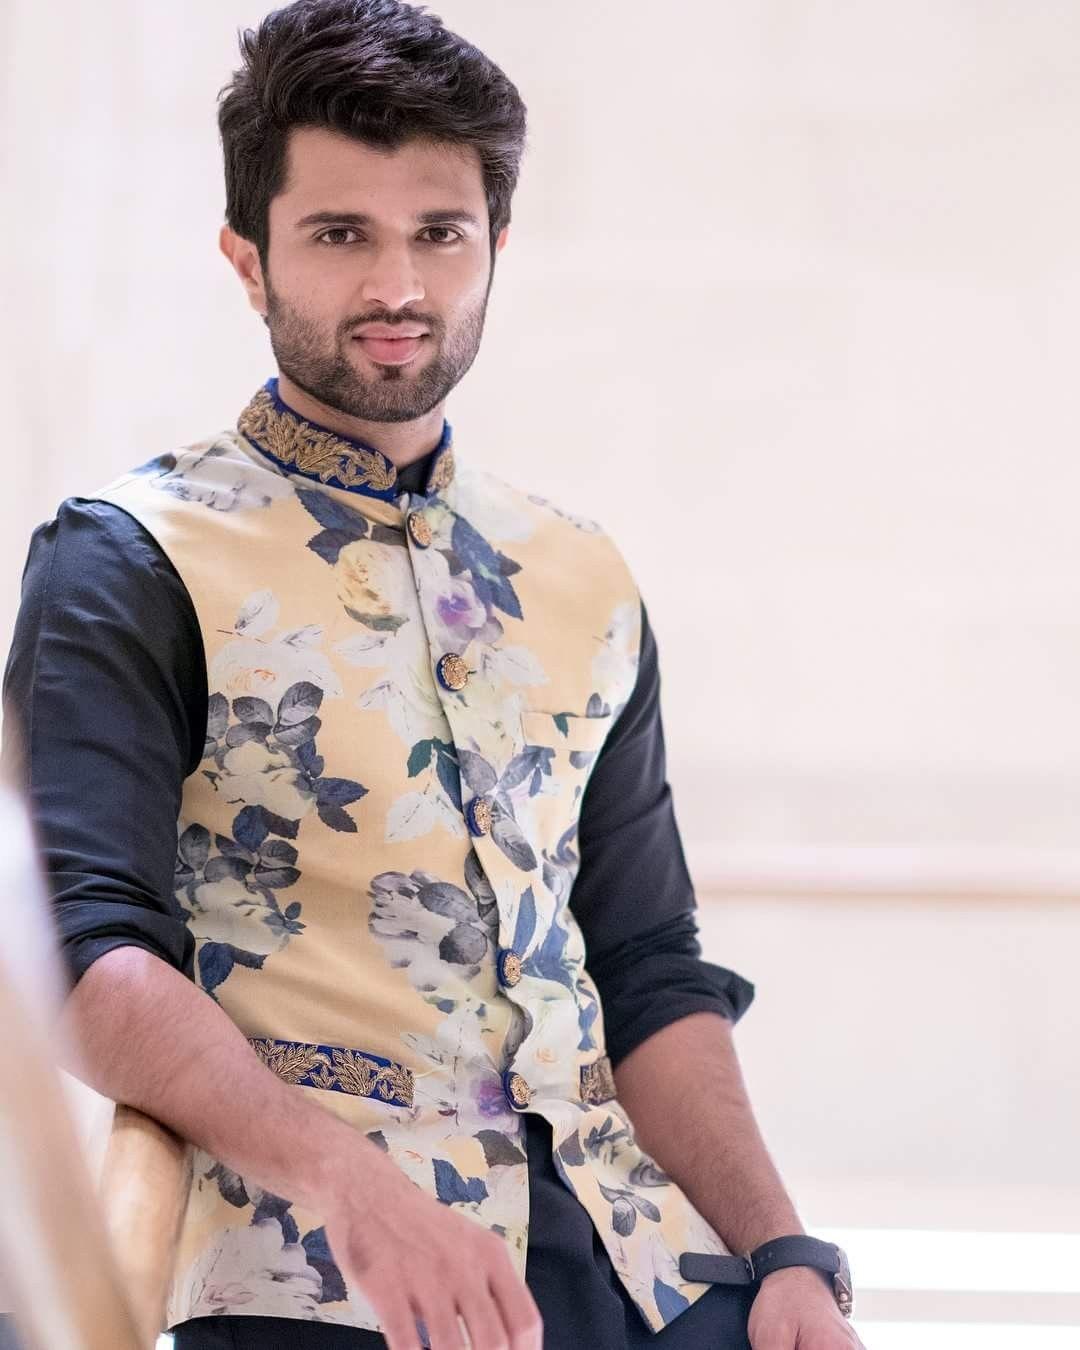 Dress For Men For Engagement Guide at dresses - api.ufc.com